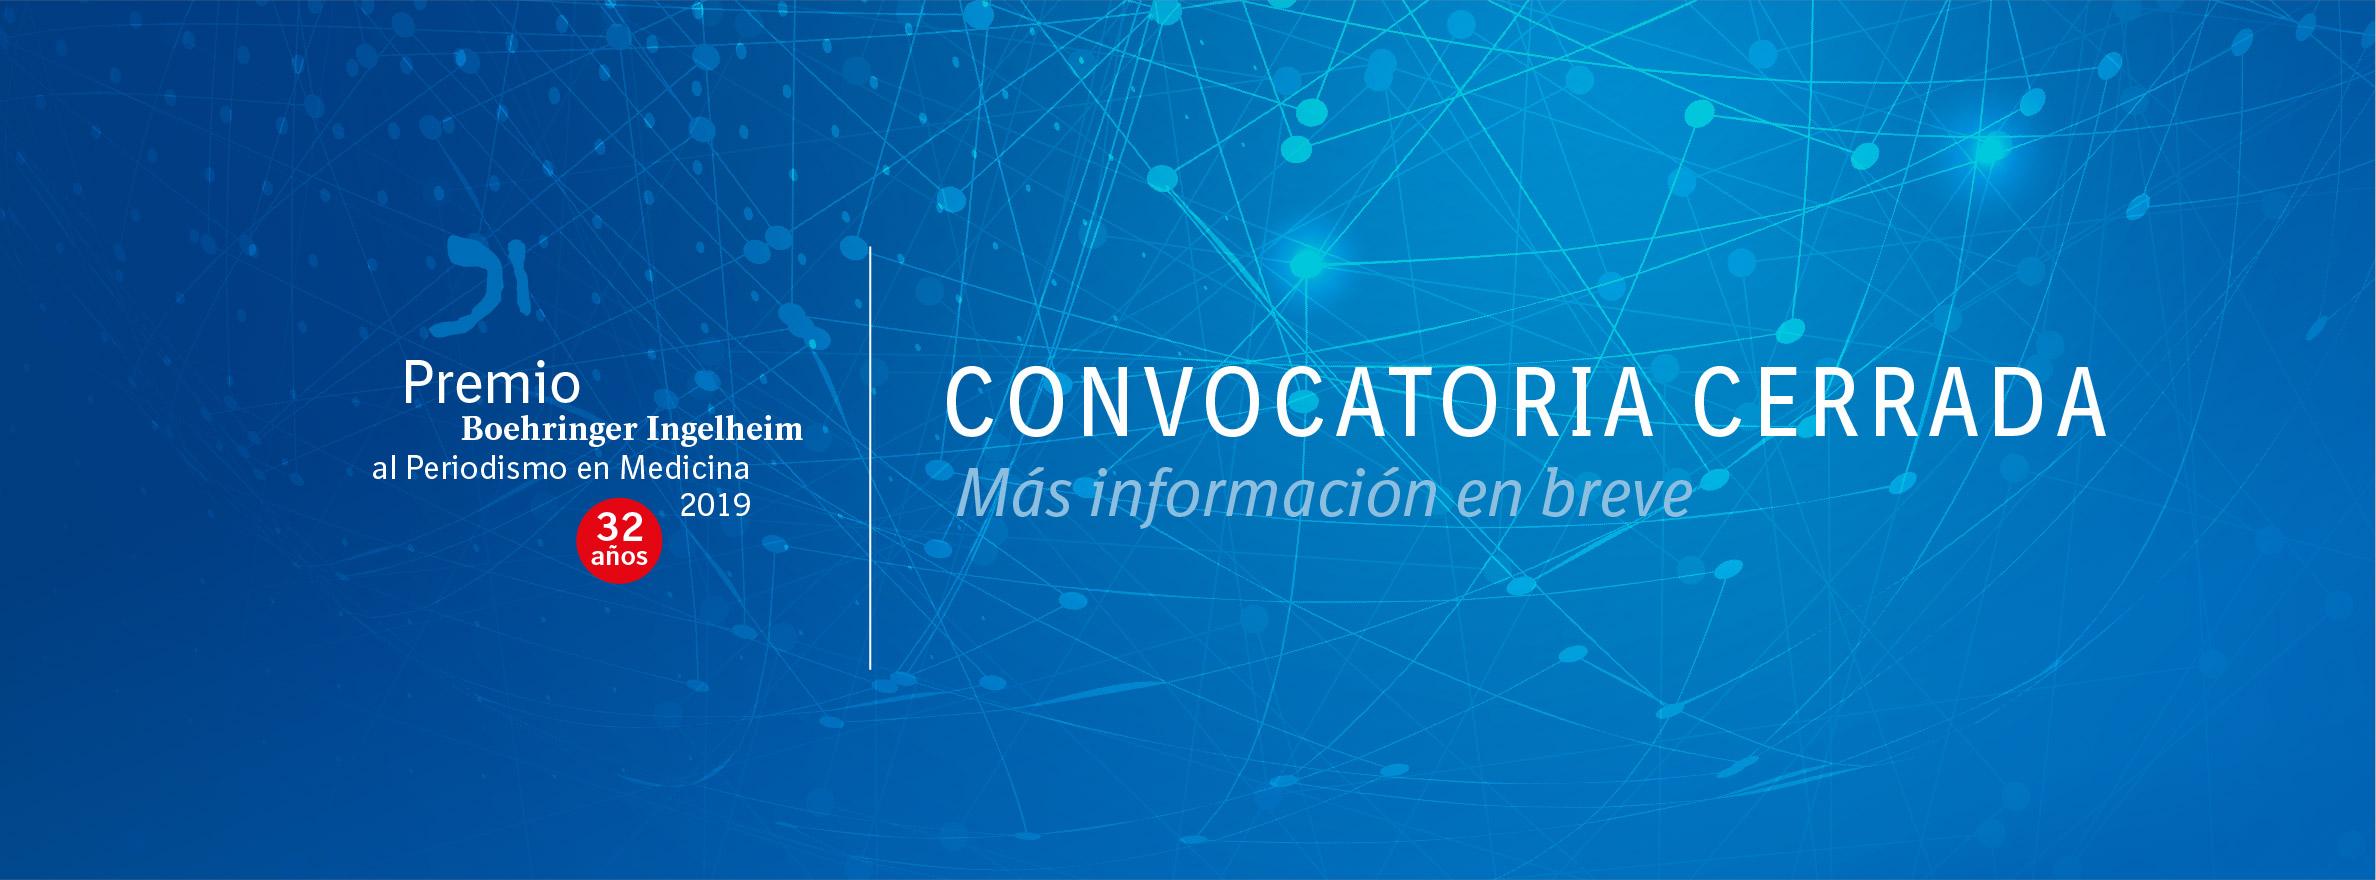 Convocatoria cerrada del Premio Boehringer Ingelheim al Periodismo en Medicina 2019